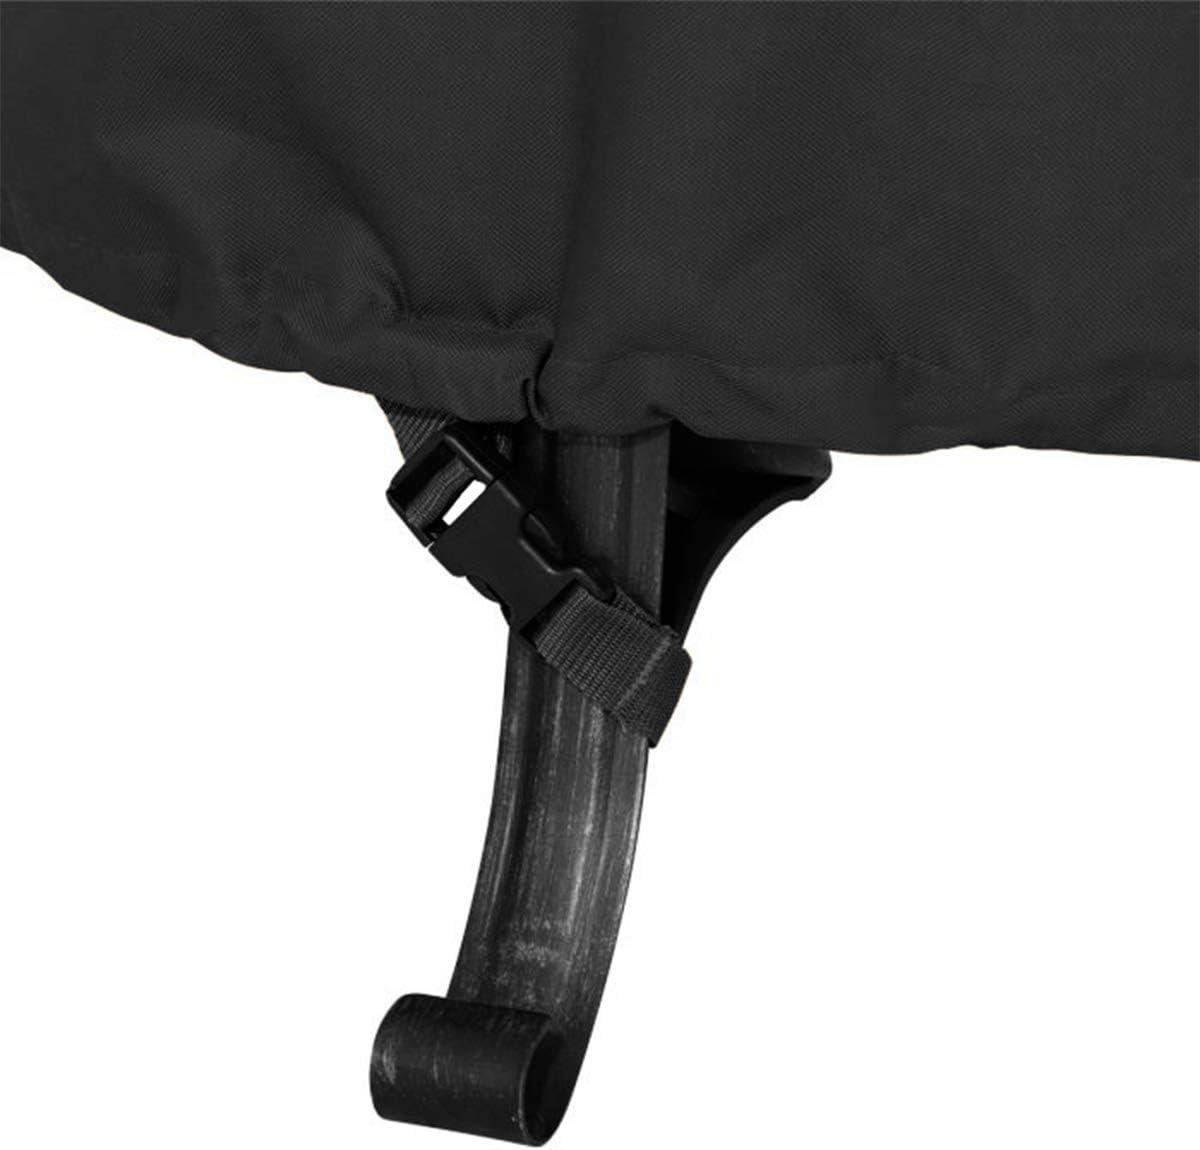 600D Polyester mit Dicker PVC-Beschichtung 111,8 cm runde Feuerschalen-Abdeckung Schwarz 44D/×24H inch wasserdicht Himal Outdoor Feuerschalen-Abdeckung strapazierf/ähig wasserdicht